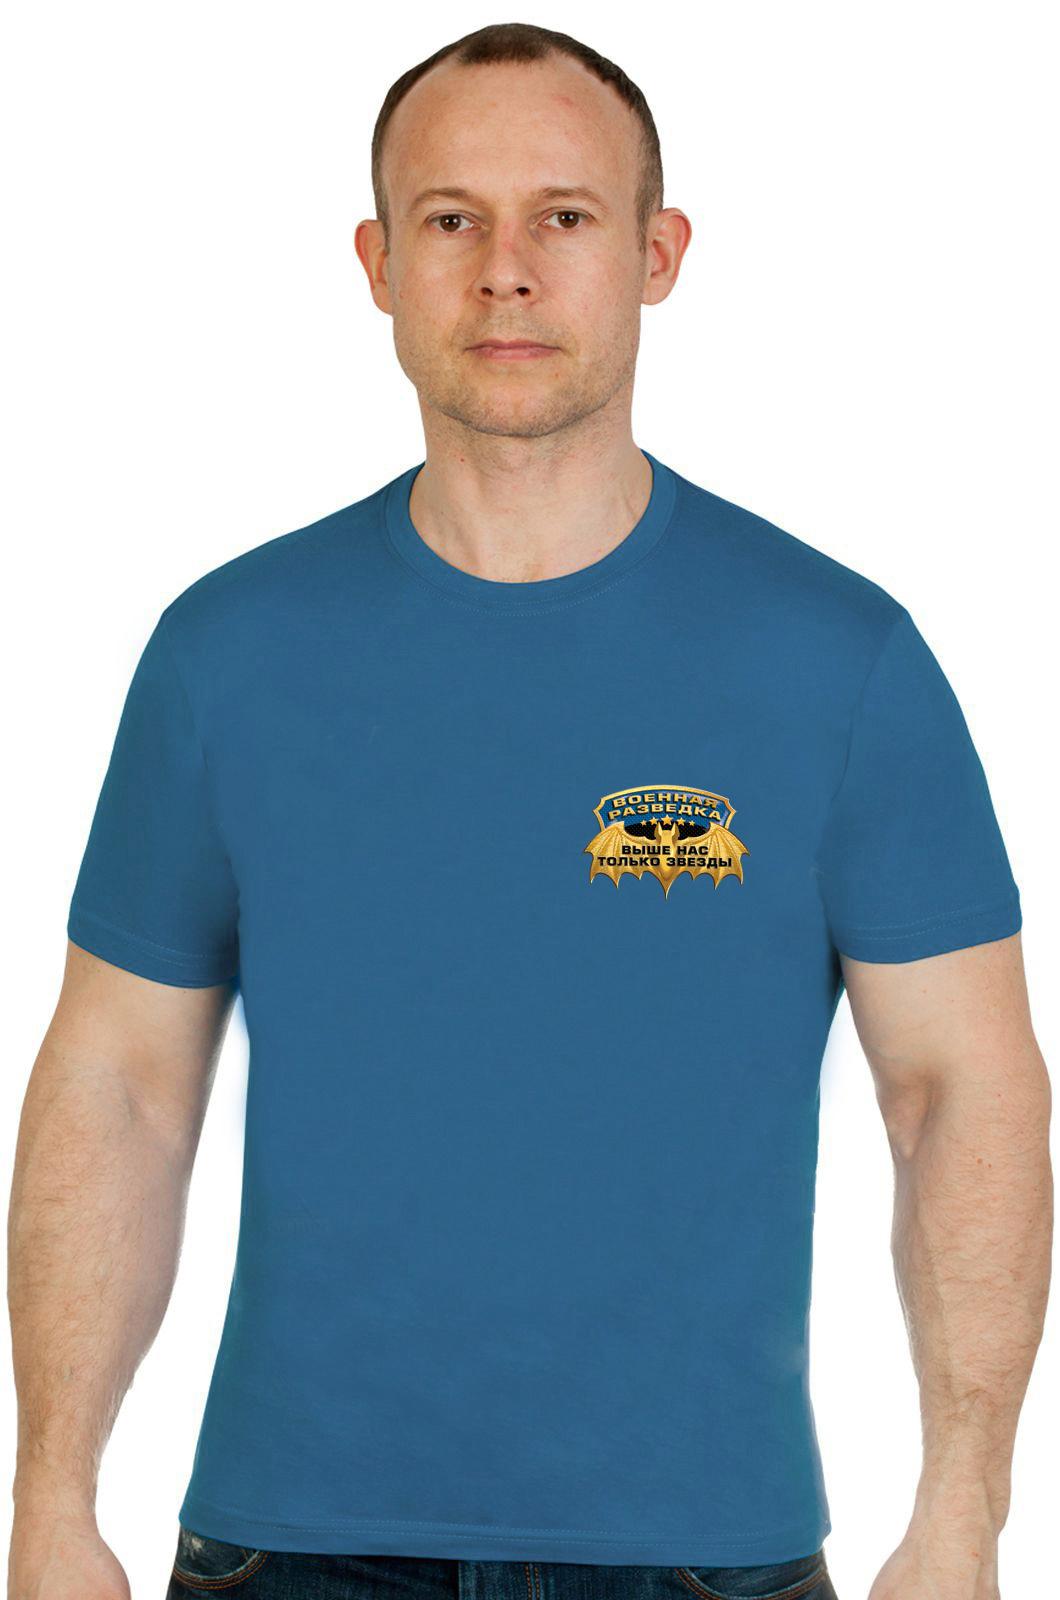 Купить строгую футболку с золотым символом разведки по привлекательной цене